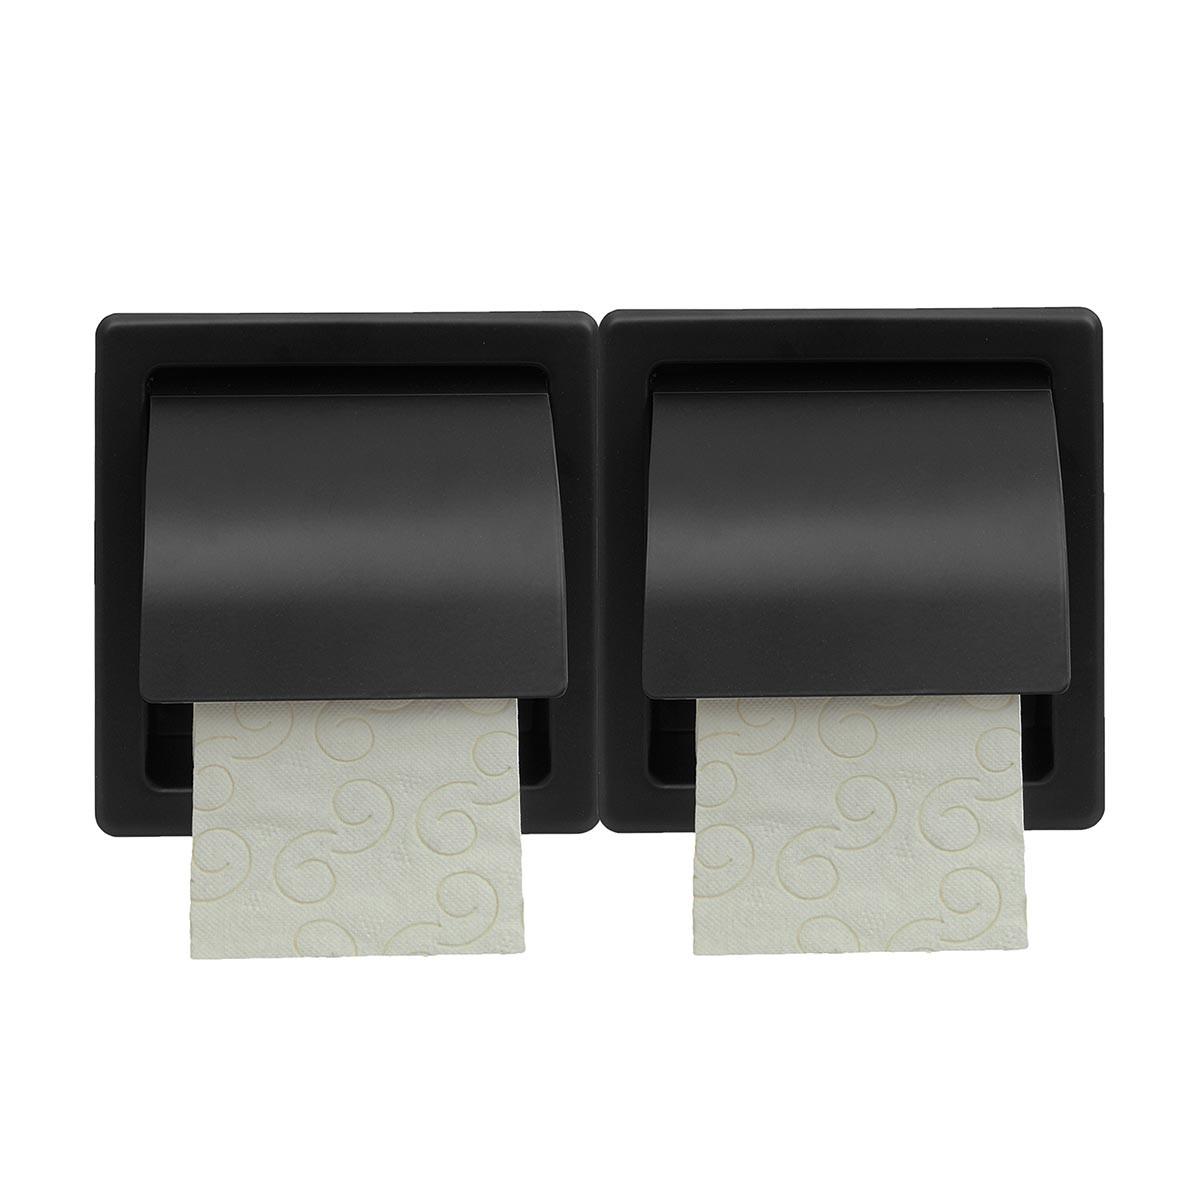 Χαρτοθήκη 2 Θέσεων Με Καπάκι PamCo 110-403 Black Matt